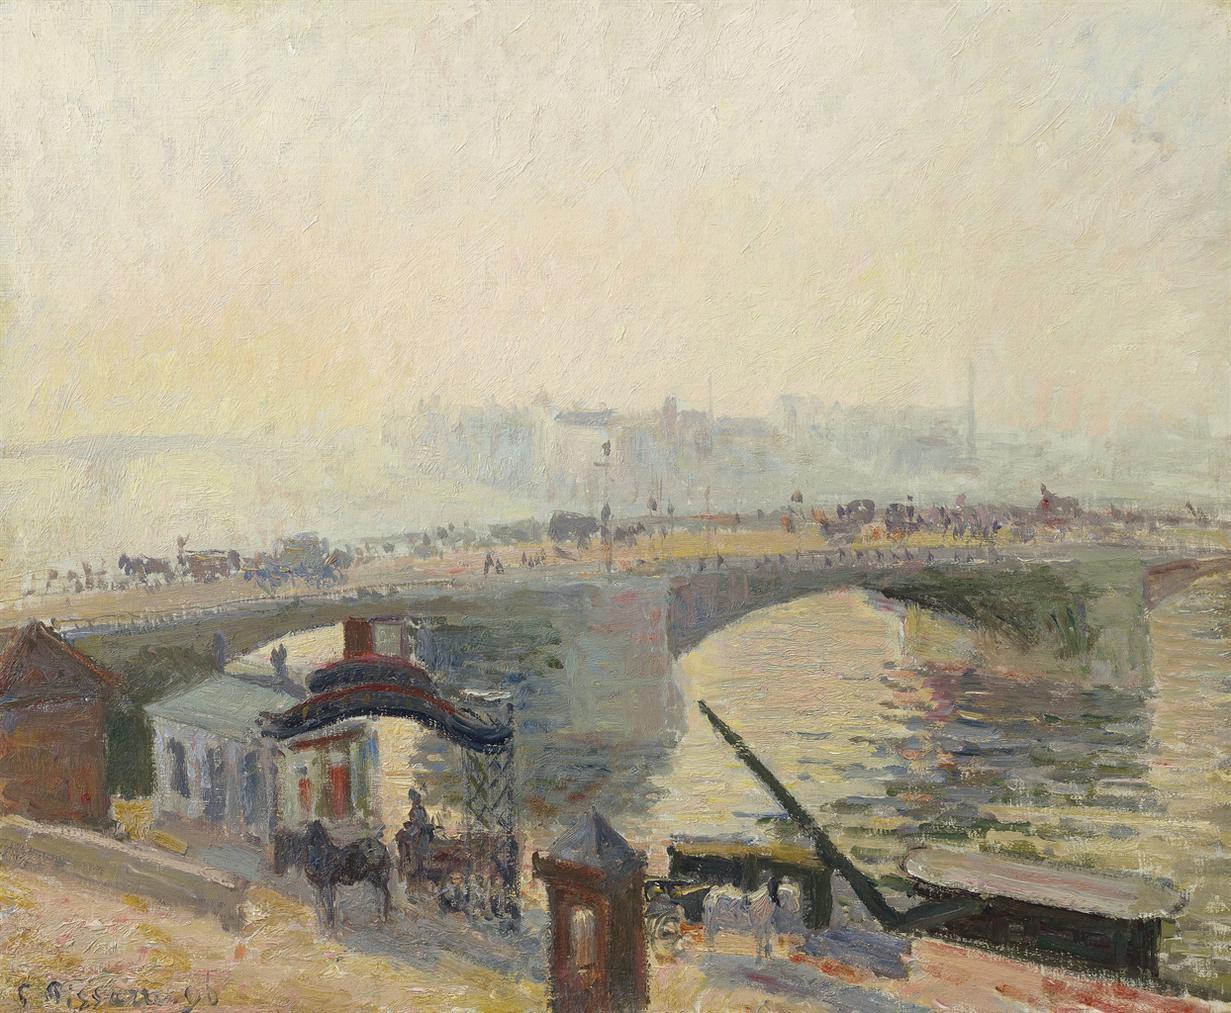 Camille Pissarro-Le Pont Boieldieu A Rouen, Effet De Brume-1896